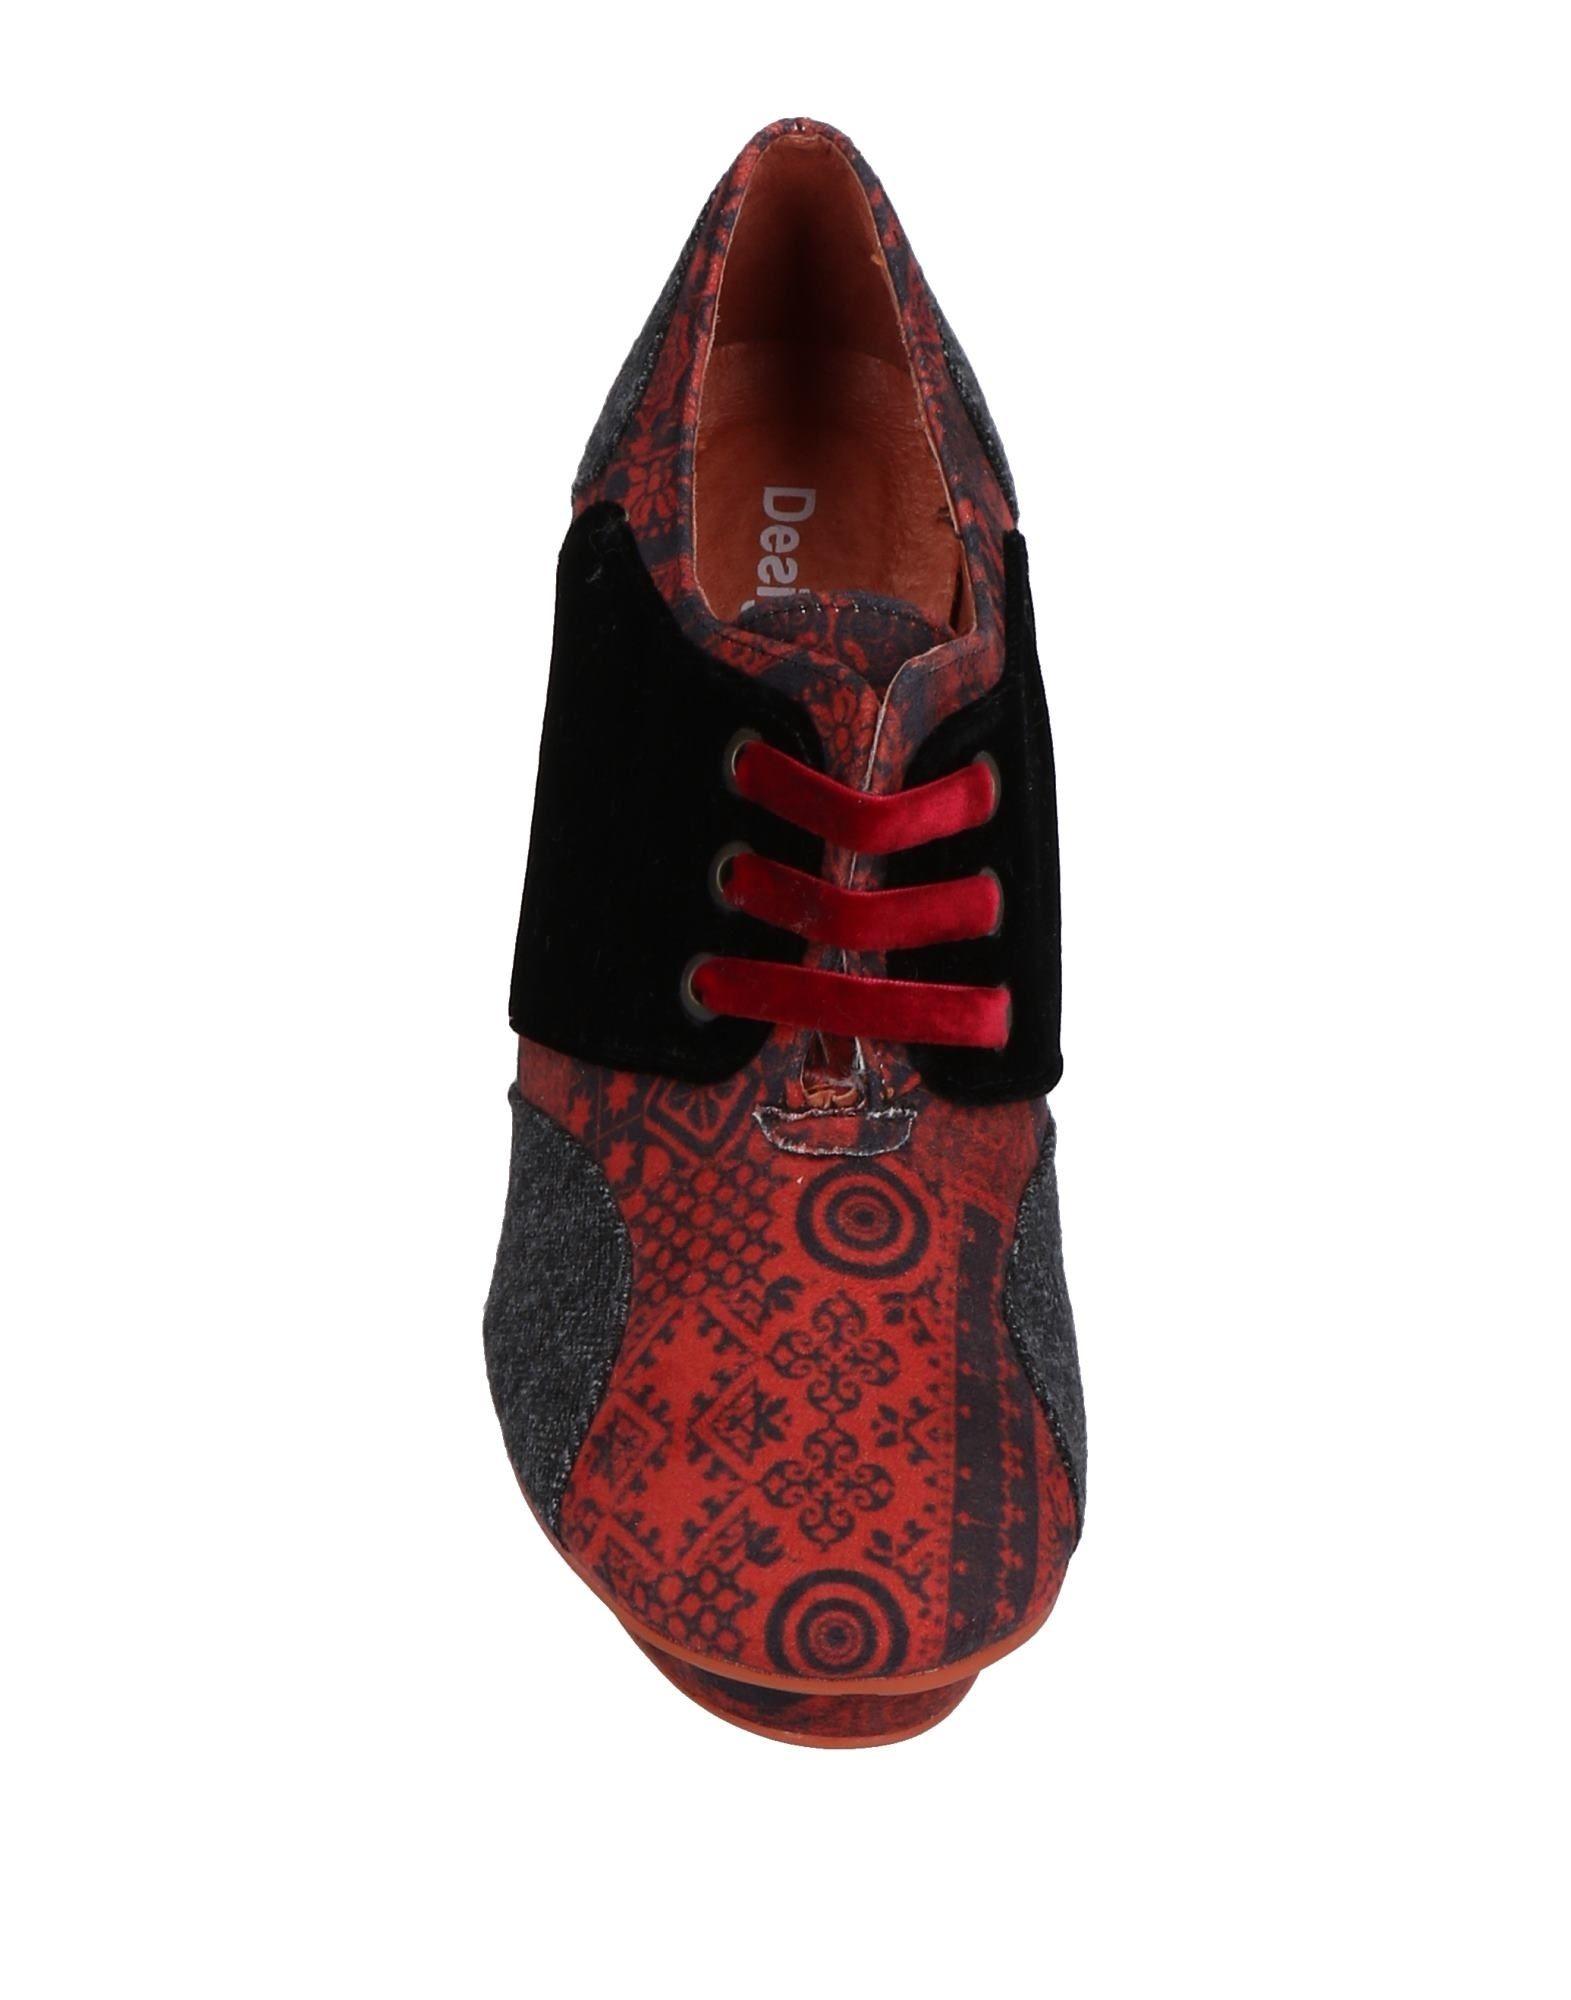 Desigual Schnürschuhe Damen Qualität  11495000UB Gute Qualität Damen beliebte Schuhe ad4b3f